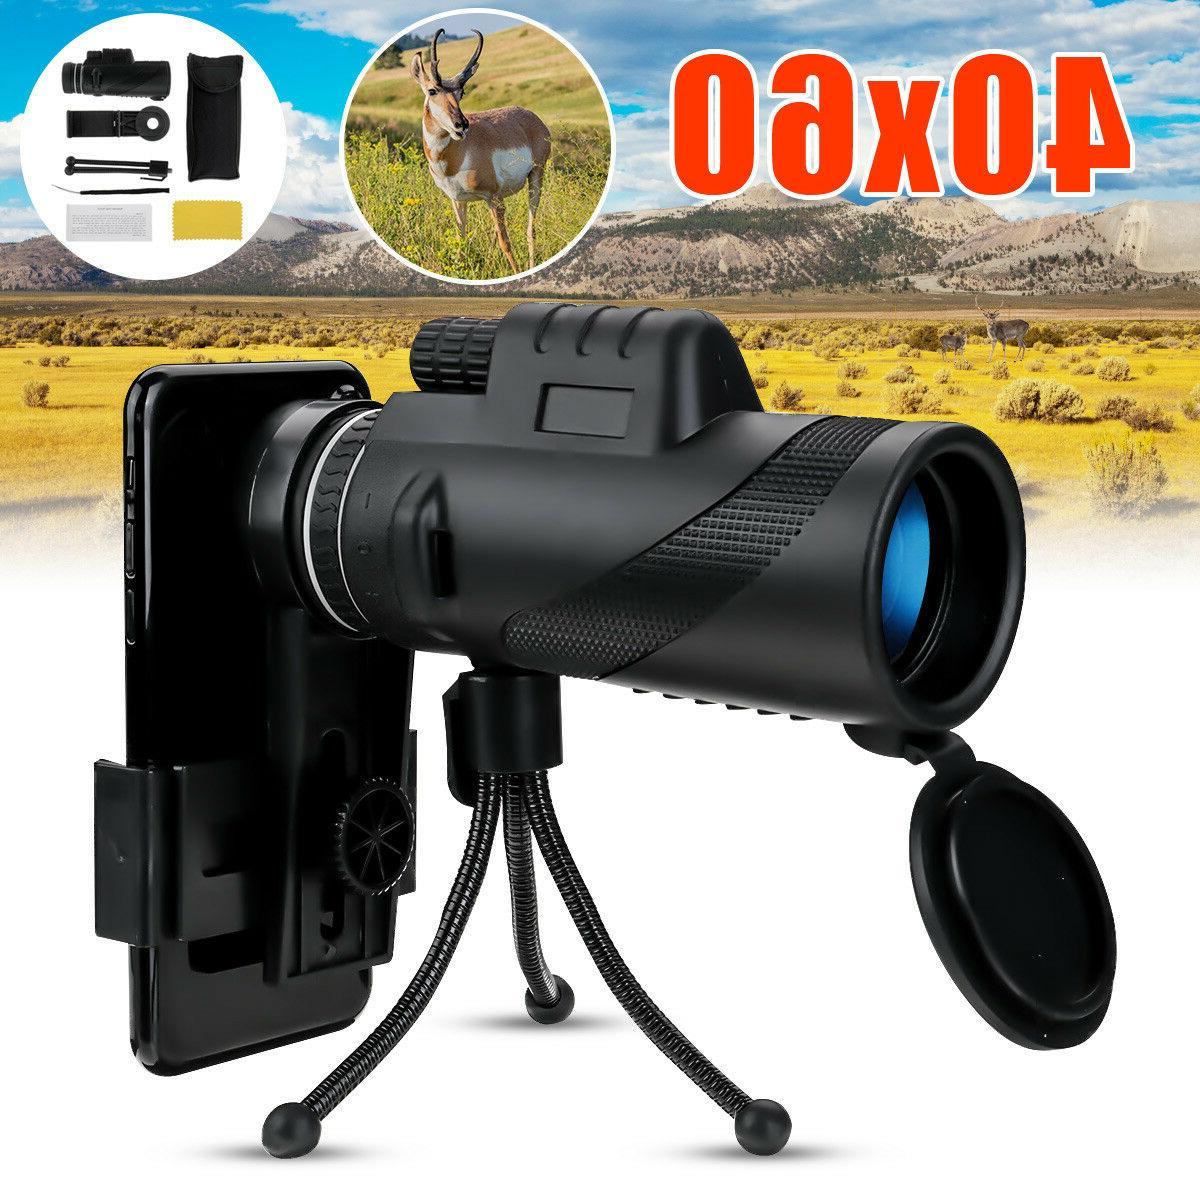 40x60 zoom hd telescope optical lens phone